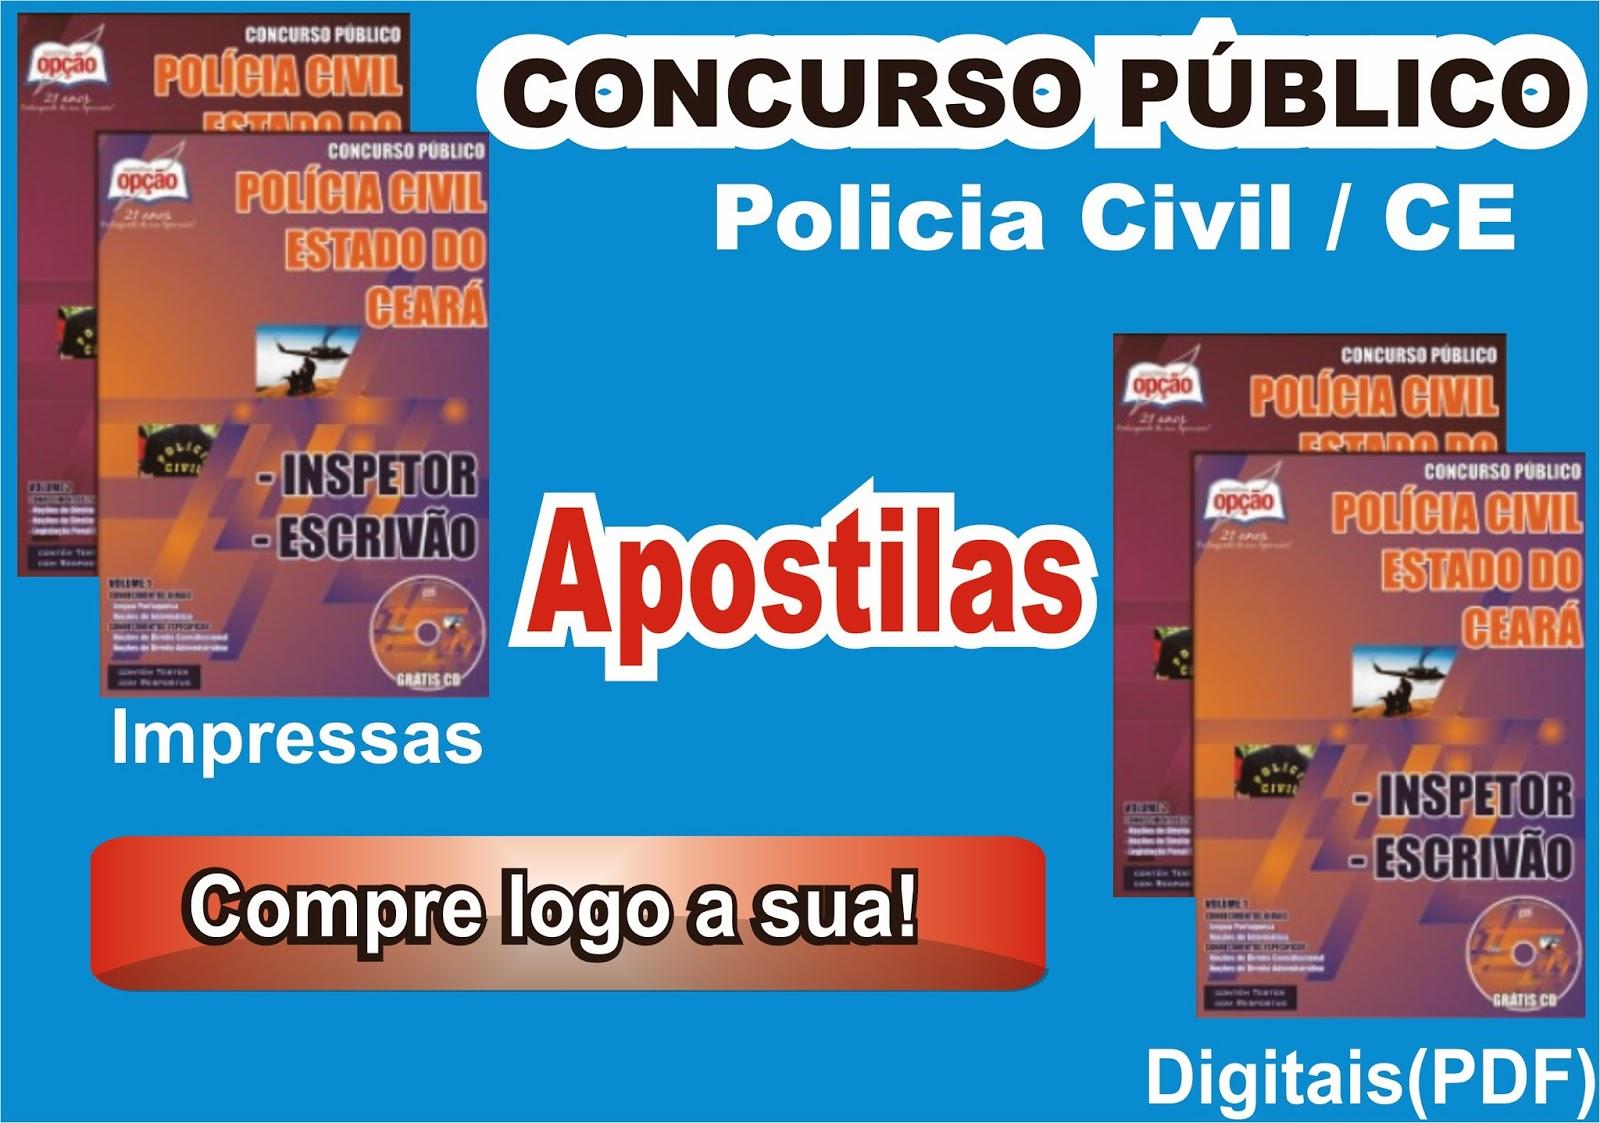 http://www.apostilasopcao.com.br/apostilas/1324/2304/policia-civil-ce/inspetor-escrivao.php?afiliado=2561